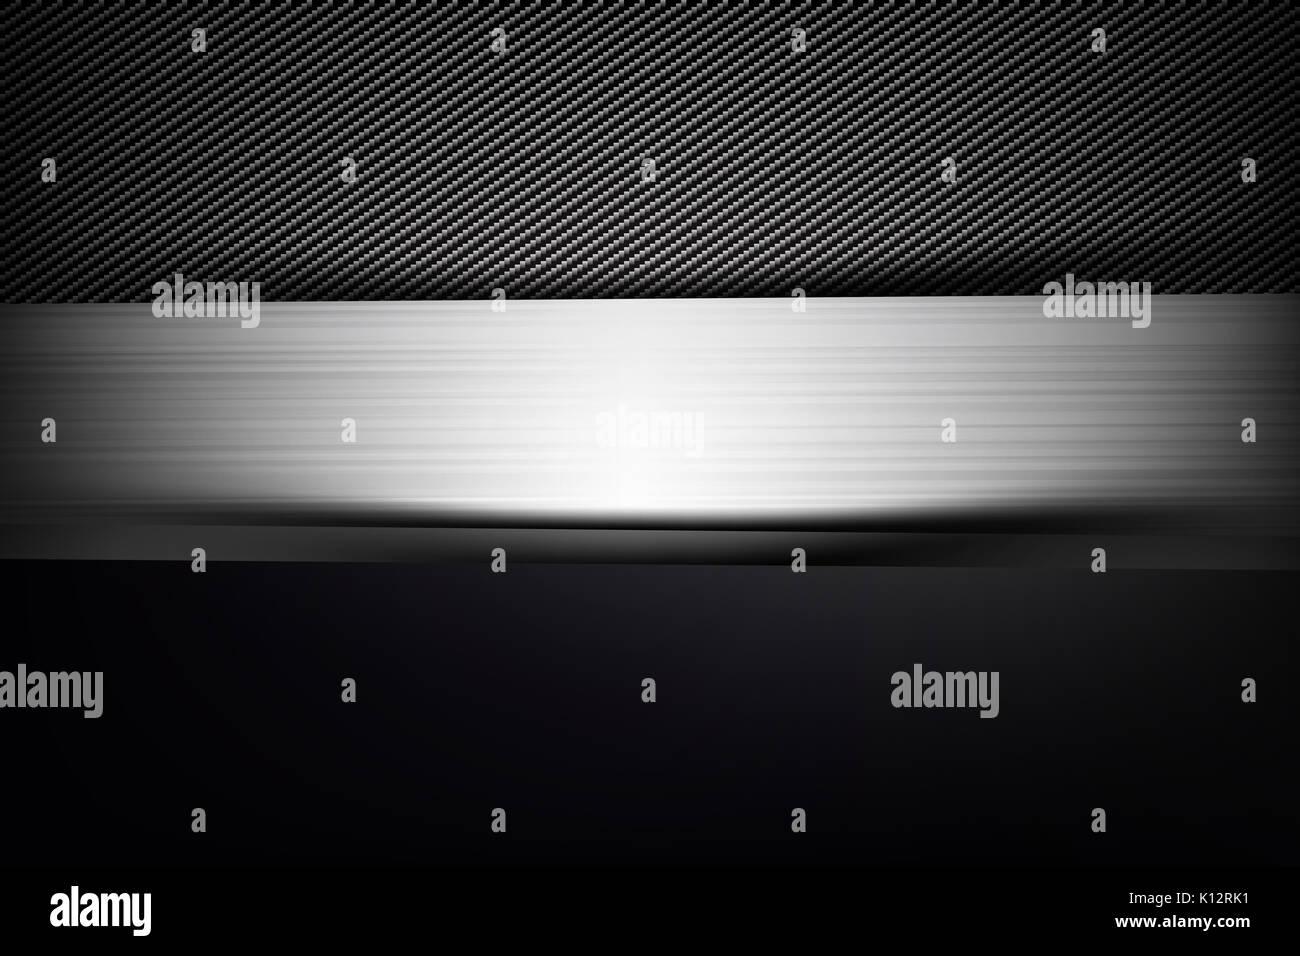 Abstract sfondo scuro e fibra di carbonio nera illustrazione vettoriale EPS10 Immagini Stock